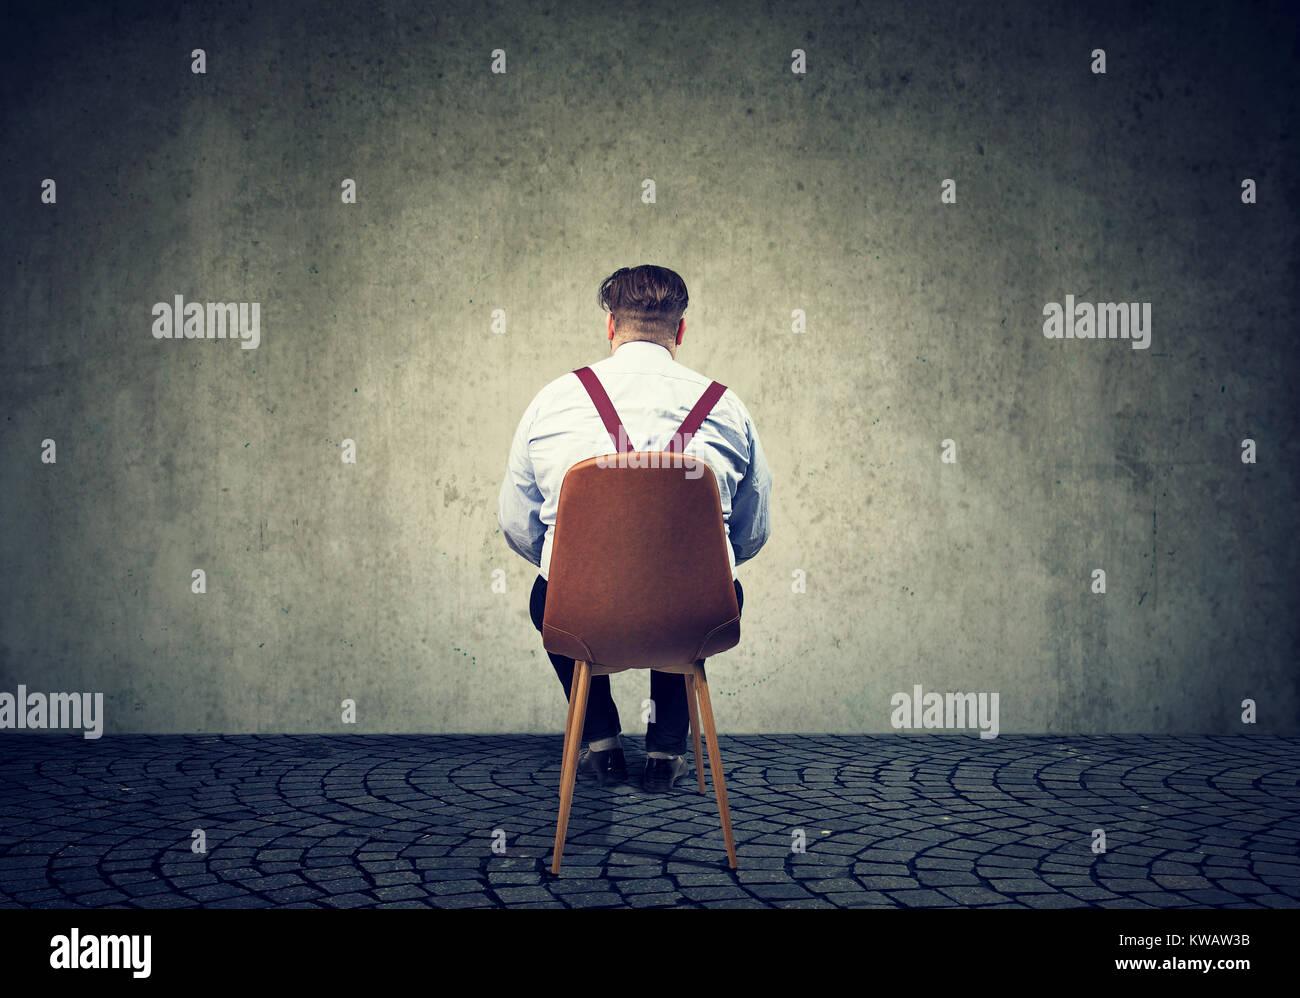 Vue arrière de l'homme assis sur une chaise à la recherche au mur gris en béton ayant des problèmes. Photo Stock